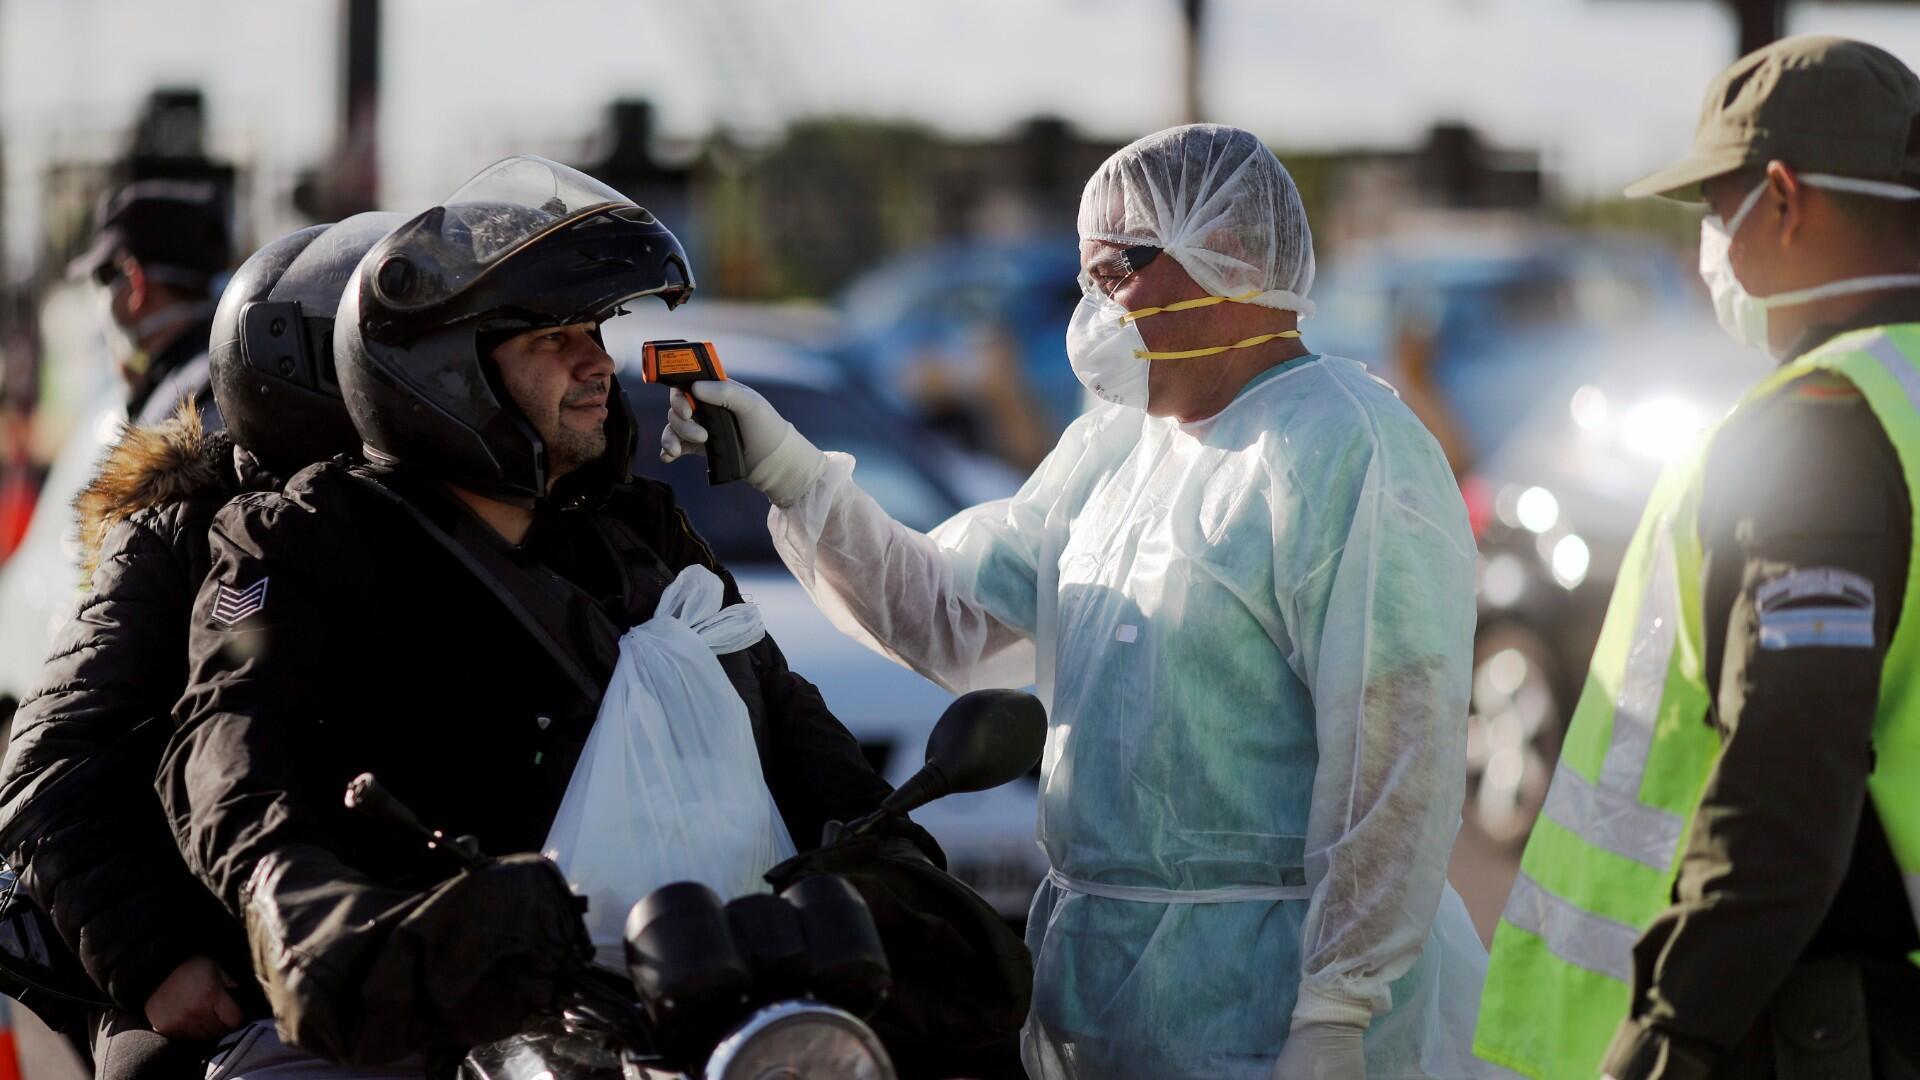 Un trabajador de salud toma la temperatura de un conductor por precaución debido a la enfermedad por coronavirus (COVID-19), en Buenos Aires, Argentina, 19 de marzo de 2020.